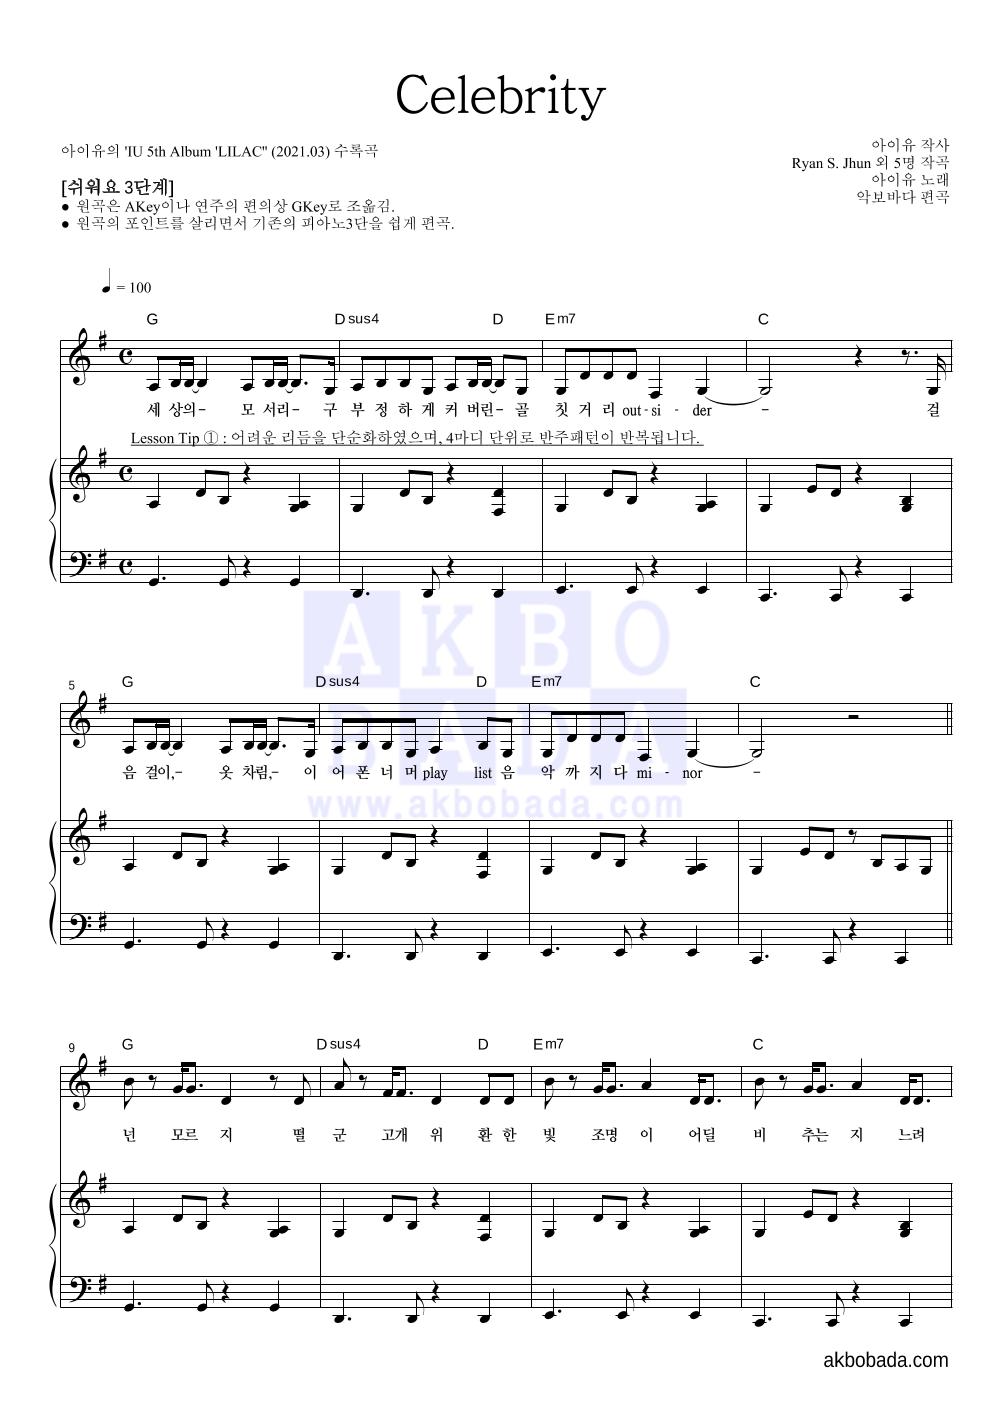 아이유 - Celebrity 피아노3단-쉬워요 악보